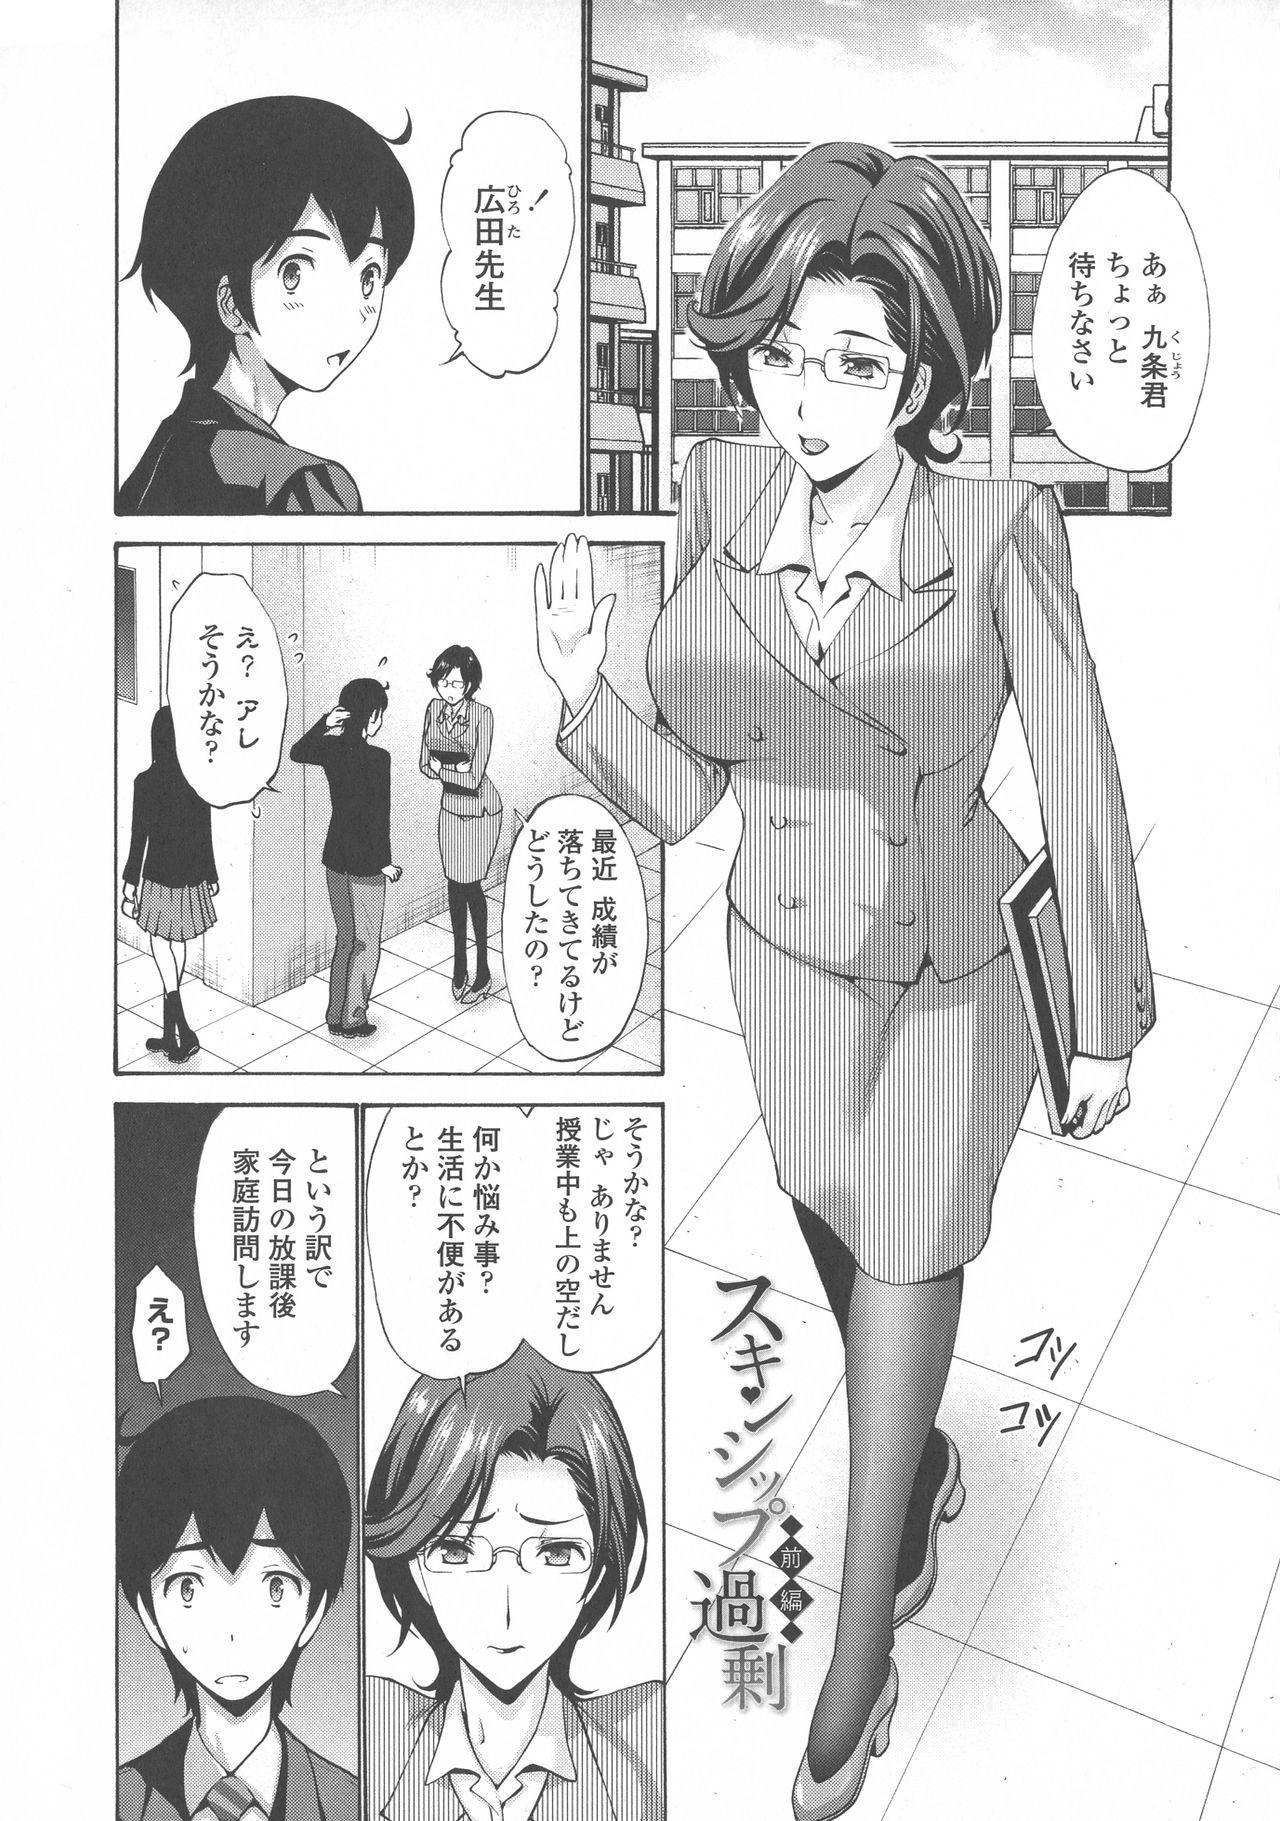 Tomodachi no Haha wa Boku no Mono - His Mother is My Love Hole 151